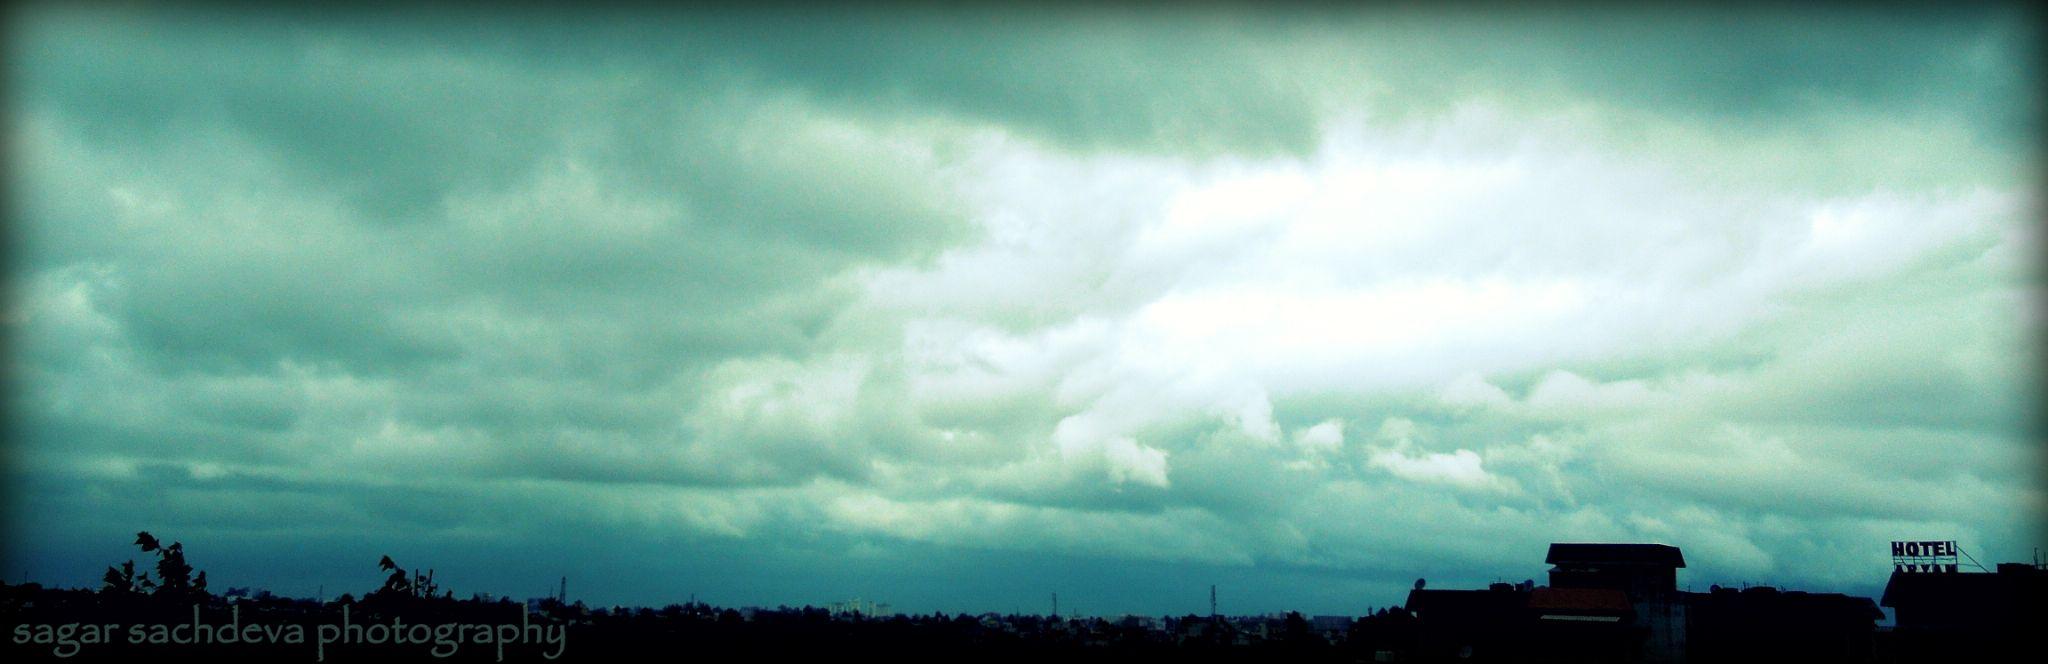 clouds by Sagar Sachdeva